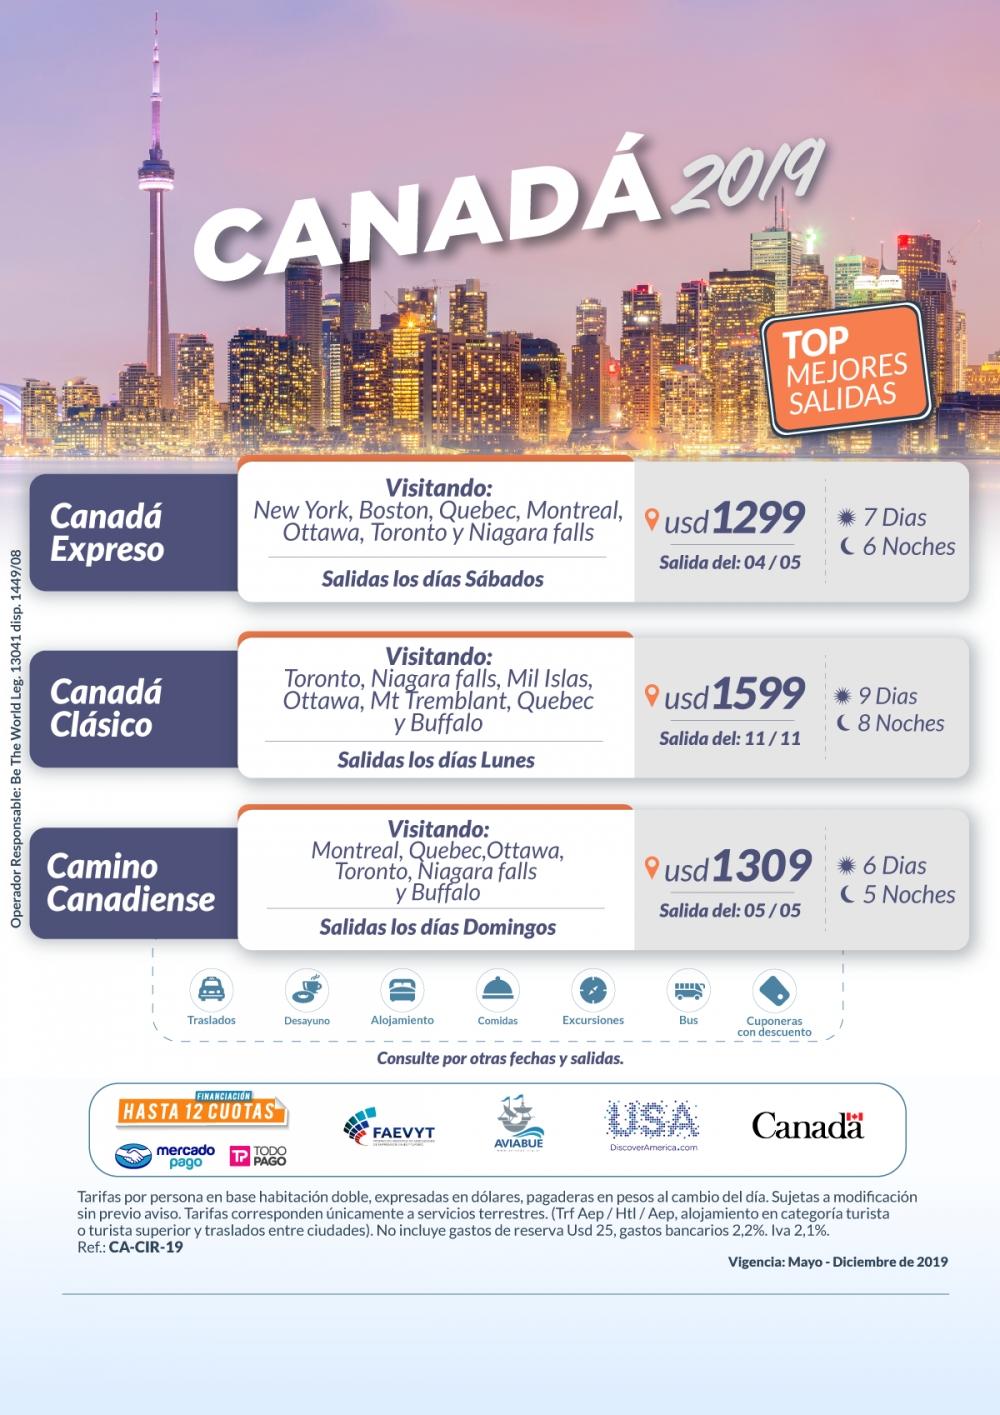 CIRCUITOS - Canadá 2019